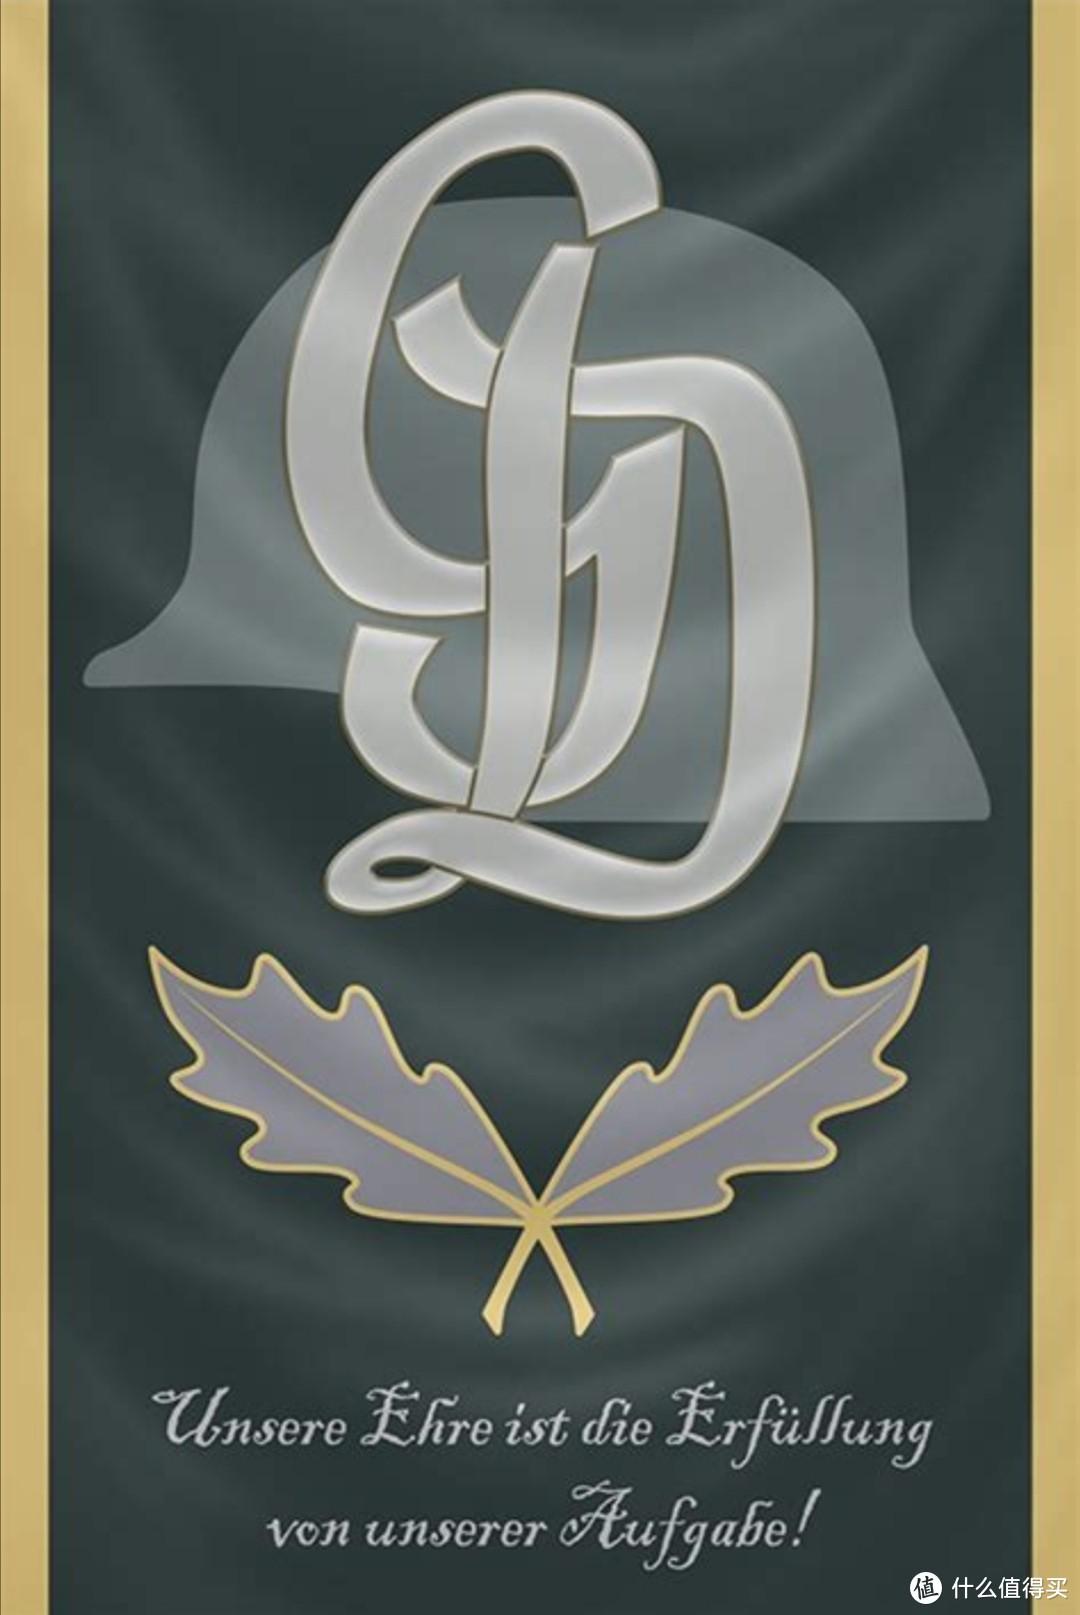 大德意志师(Groß deutschland)是二战德国国防军中最精锐的陆军部队之一,前身是魏玛共和国时期的柏林卫戍团。1939年二战爆发时为团级规模,后于1940年法国战役时参战。1941年参与攻占南斯拉夫。1942年3月,大德意志团扩编为摩托化步兵师,1943年6月库尔斯克战役前改编为装甲掷弹兵师,并成为所有德国**中唯一配备了虎式坦克的师级单位,而后一直在东线战场与红军作战至战争结束